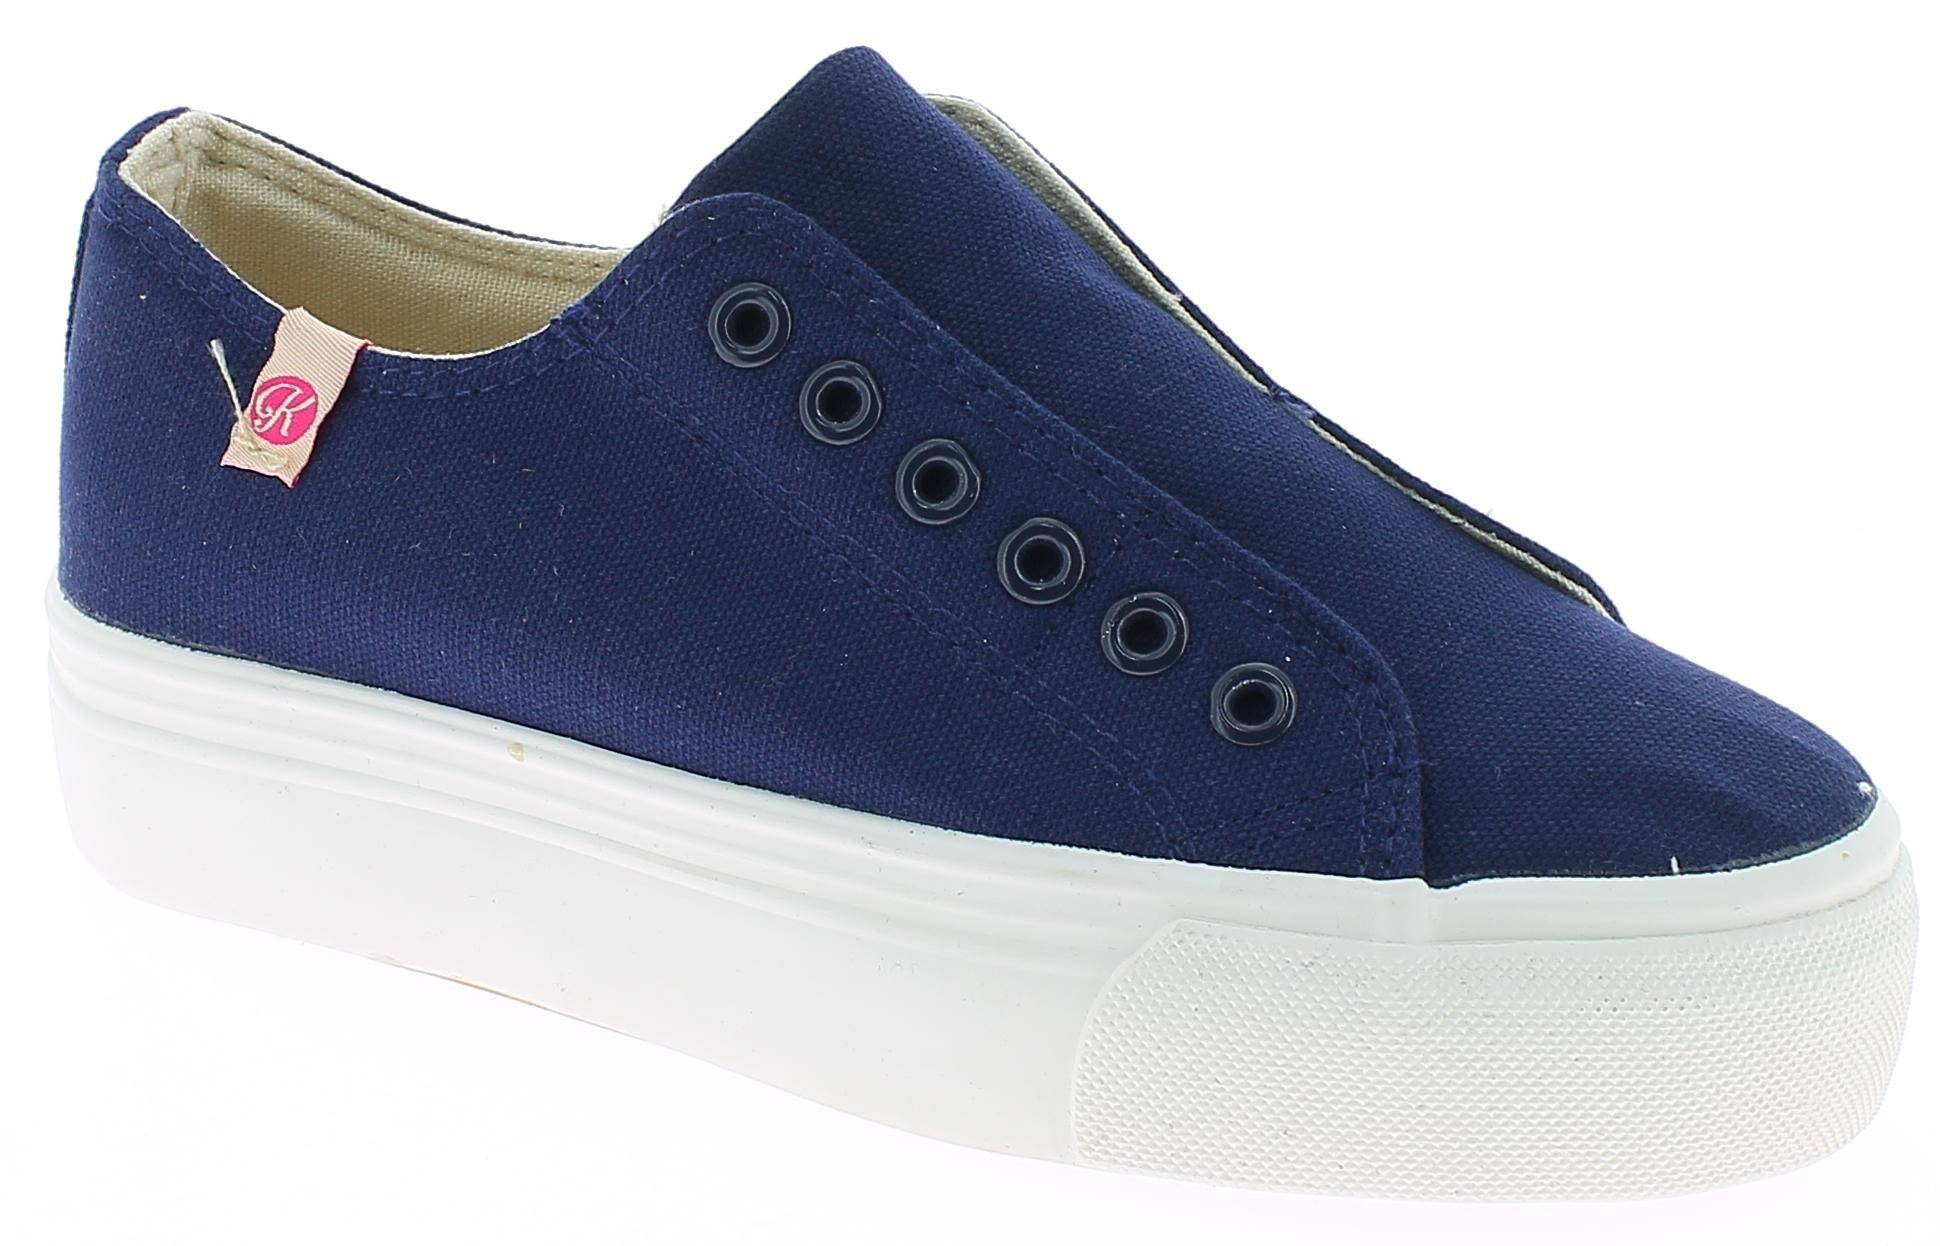 KYLIE Γυναικείο Casual 1520005 Μπλε - IqShoes - 1520005 BLUE-KYLIE-blue-37/1/23/ παπούτσια  προσφορεσ